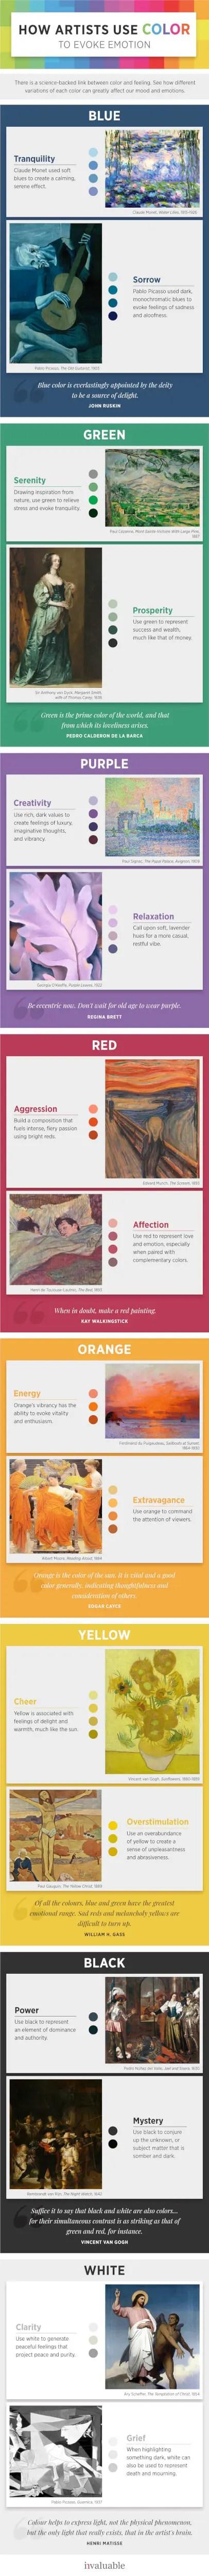 how artist use color to evoke emotion